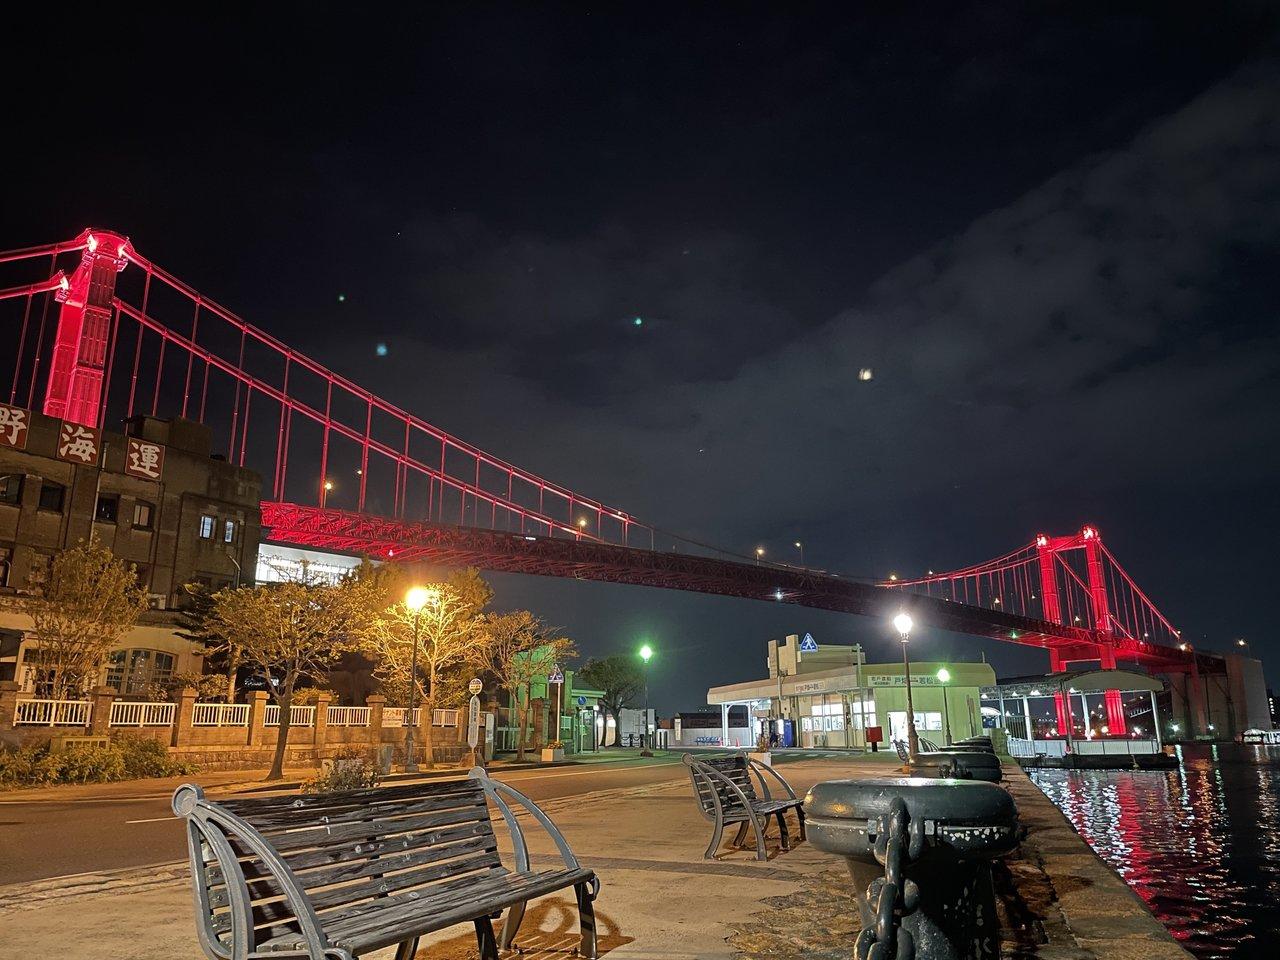 若戸大橋の夜景はとてもダイナミック。